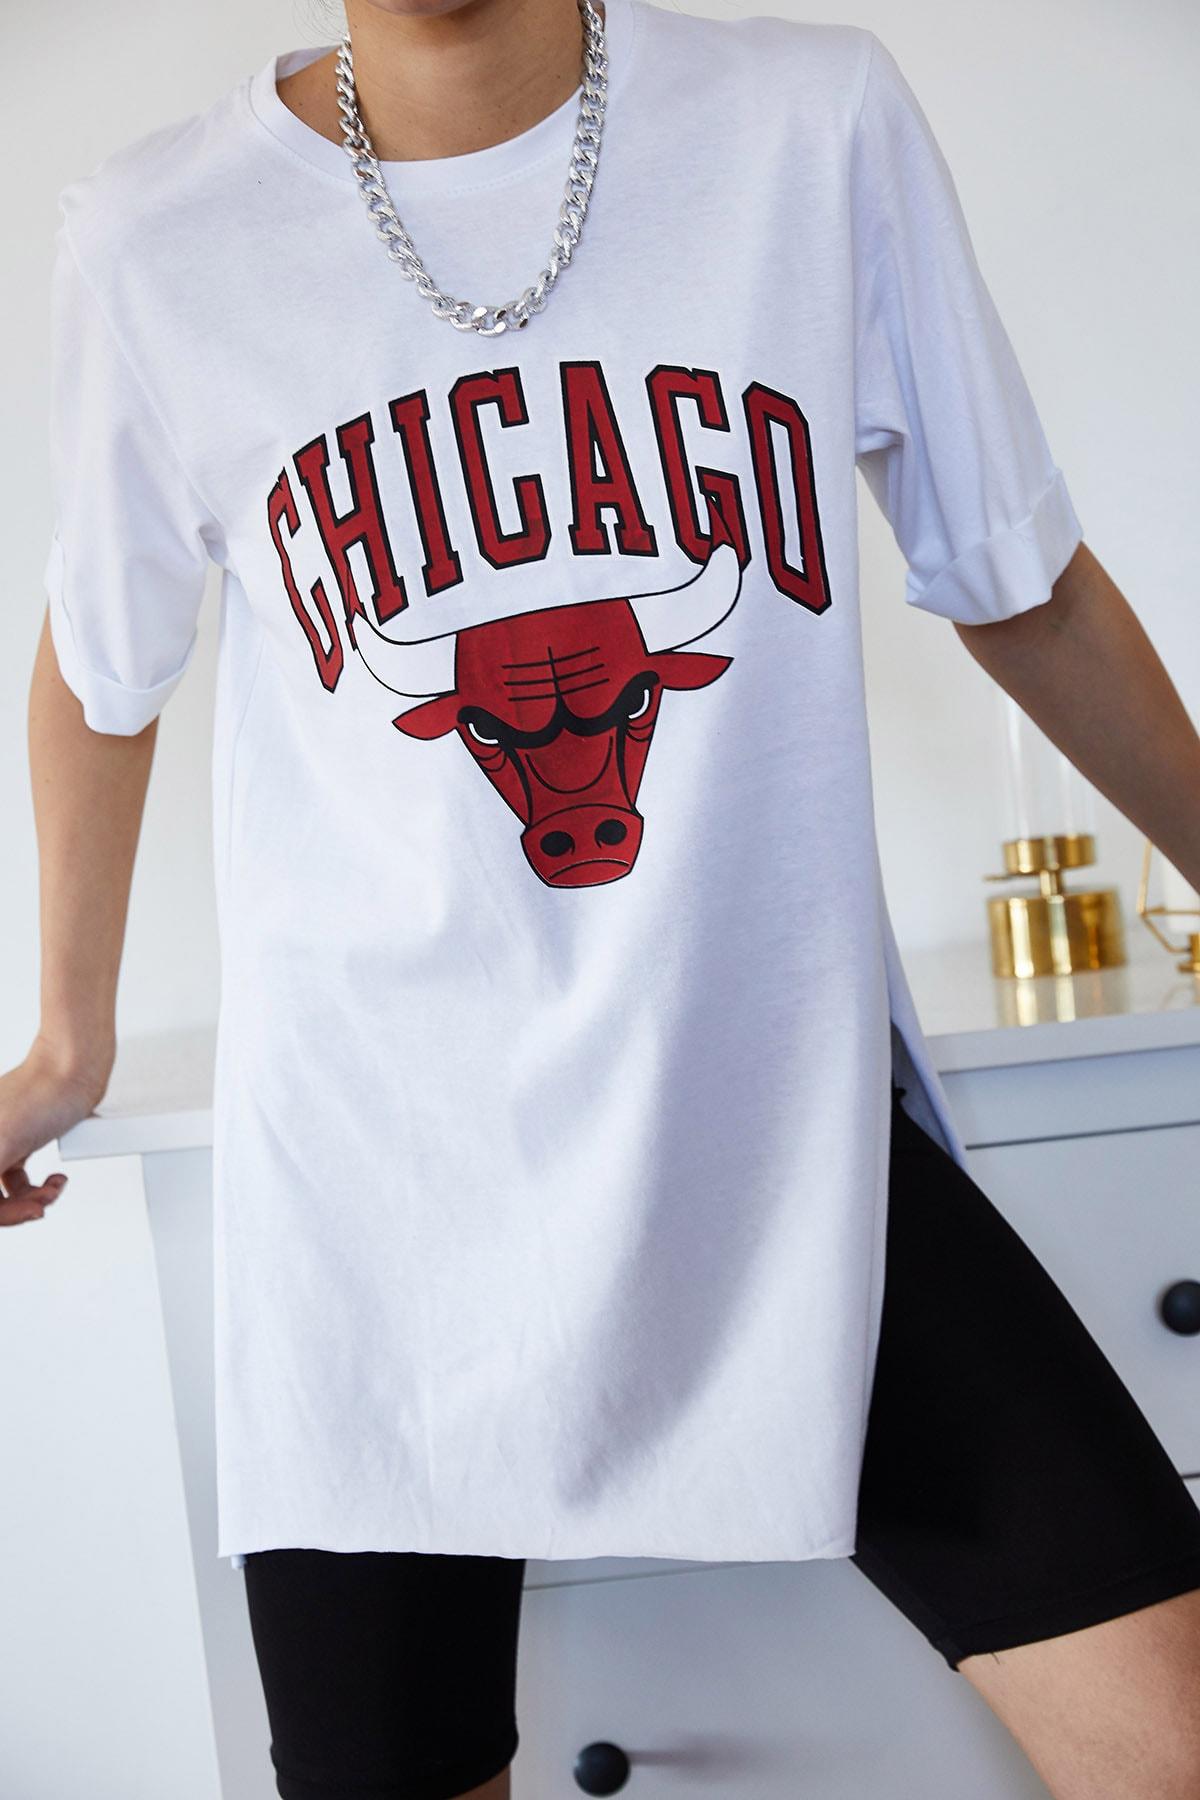 XENA Kadın Beyaz Baskılı Yırtmaçlı Boyfriend T-Shirt 1KZK1-11149-01 1